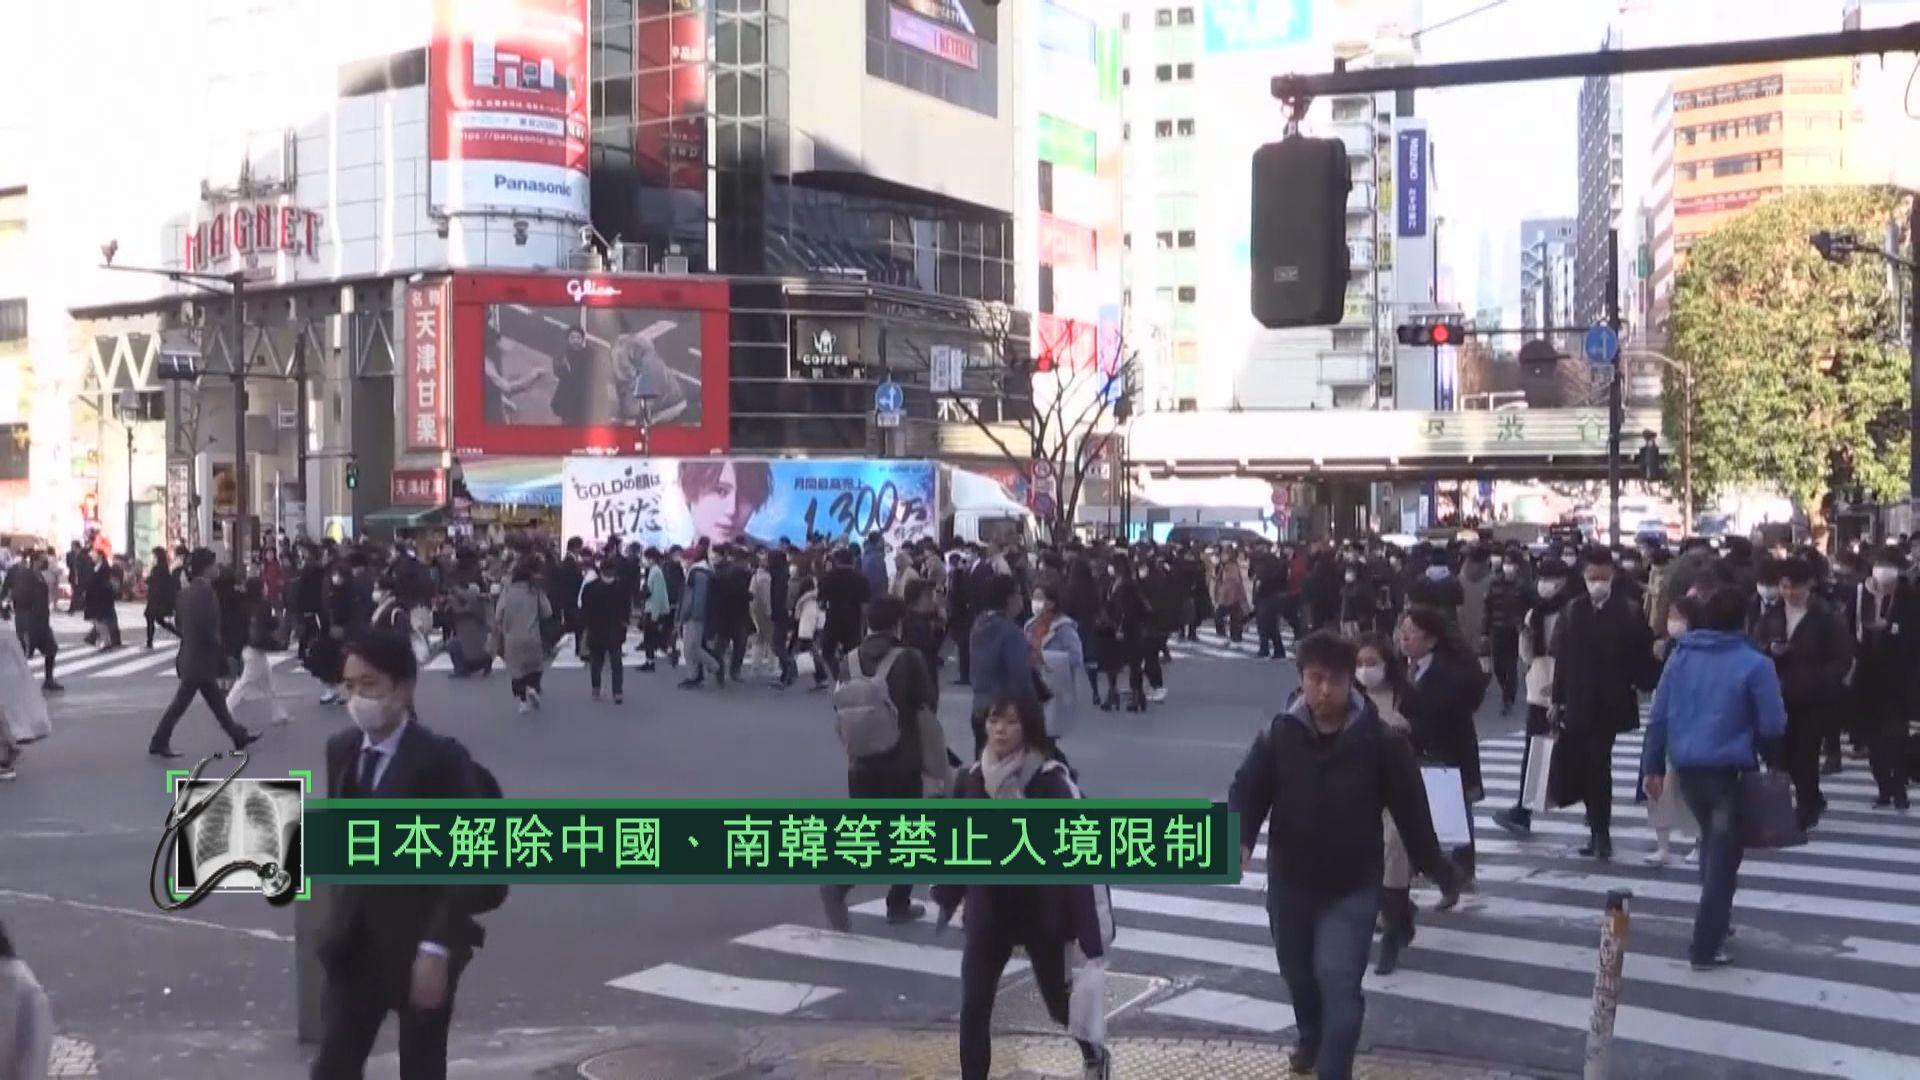 日本解除中國、南韓等禁止入境限制 包括港澳台